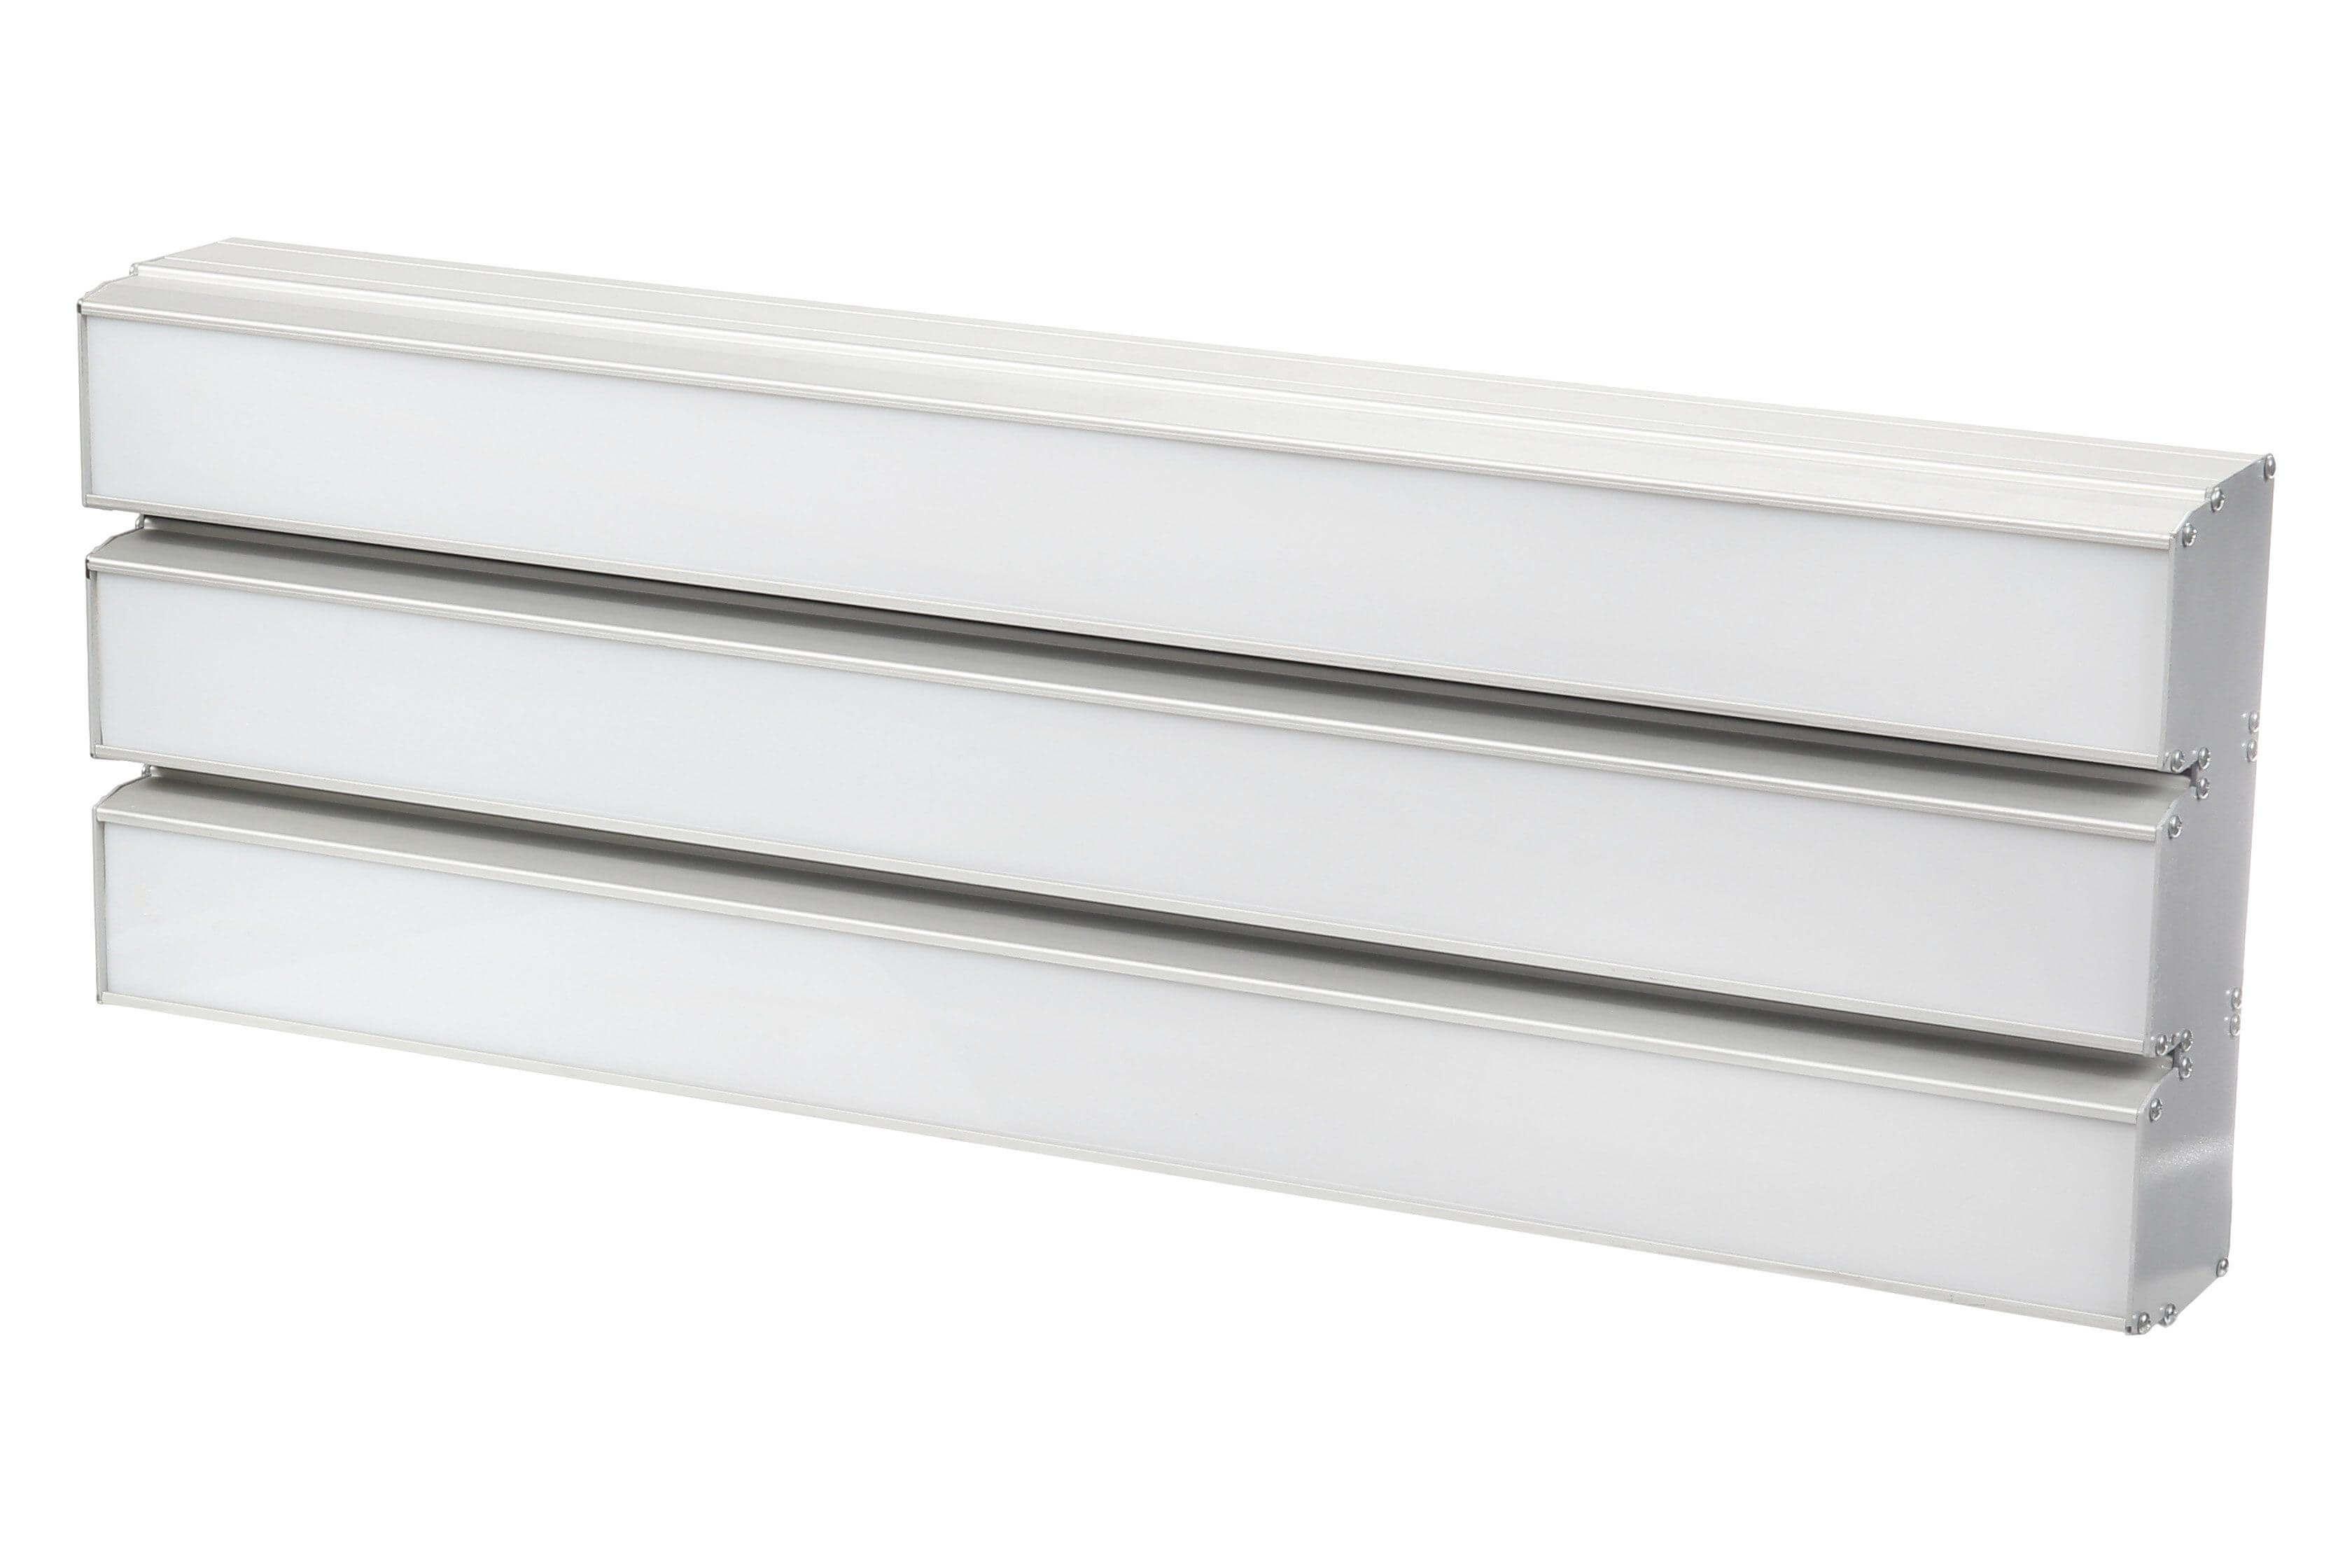 Светодиодный светильник LEDcraft LC-120-3PR-DW 120 Ватт IP20 (1160 мм) Нейтральный Опал